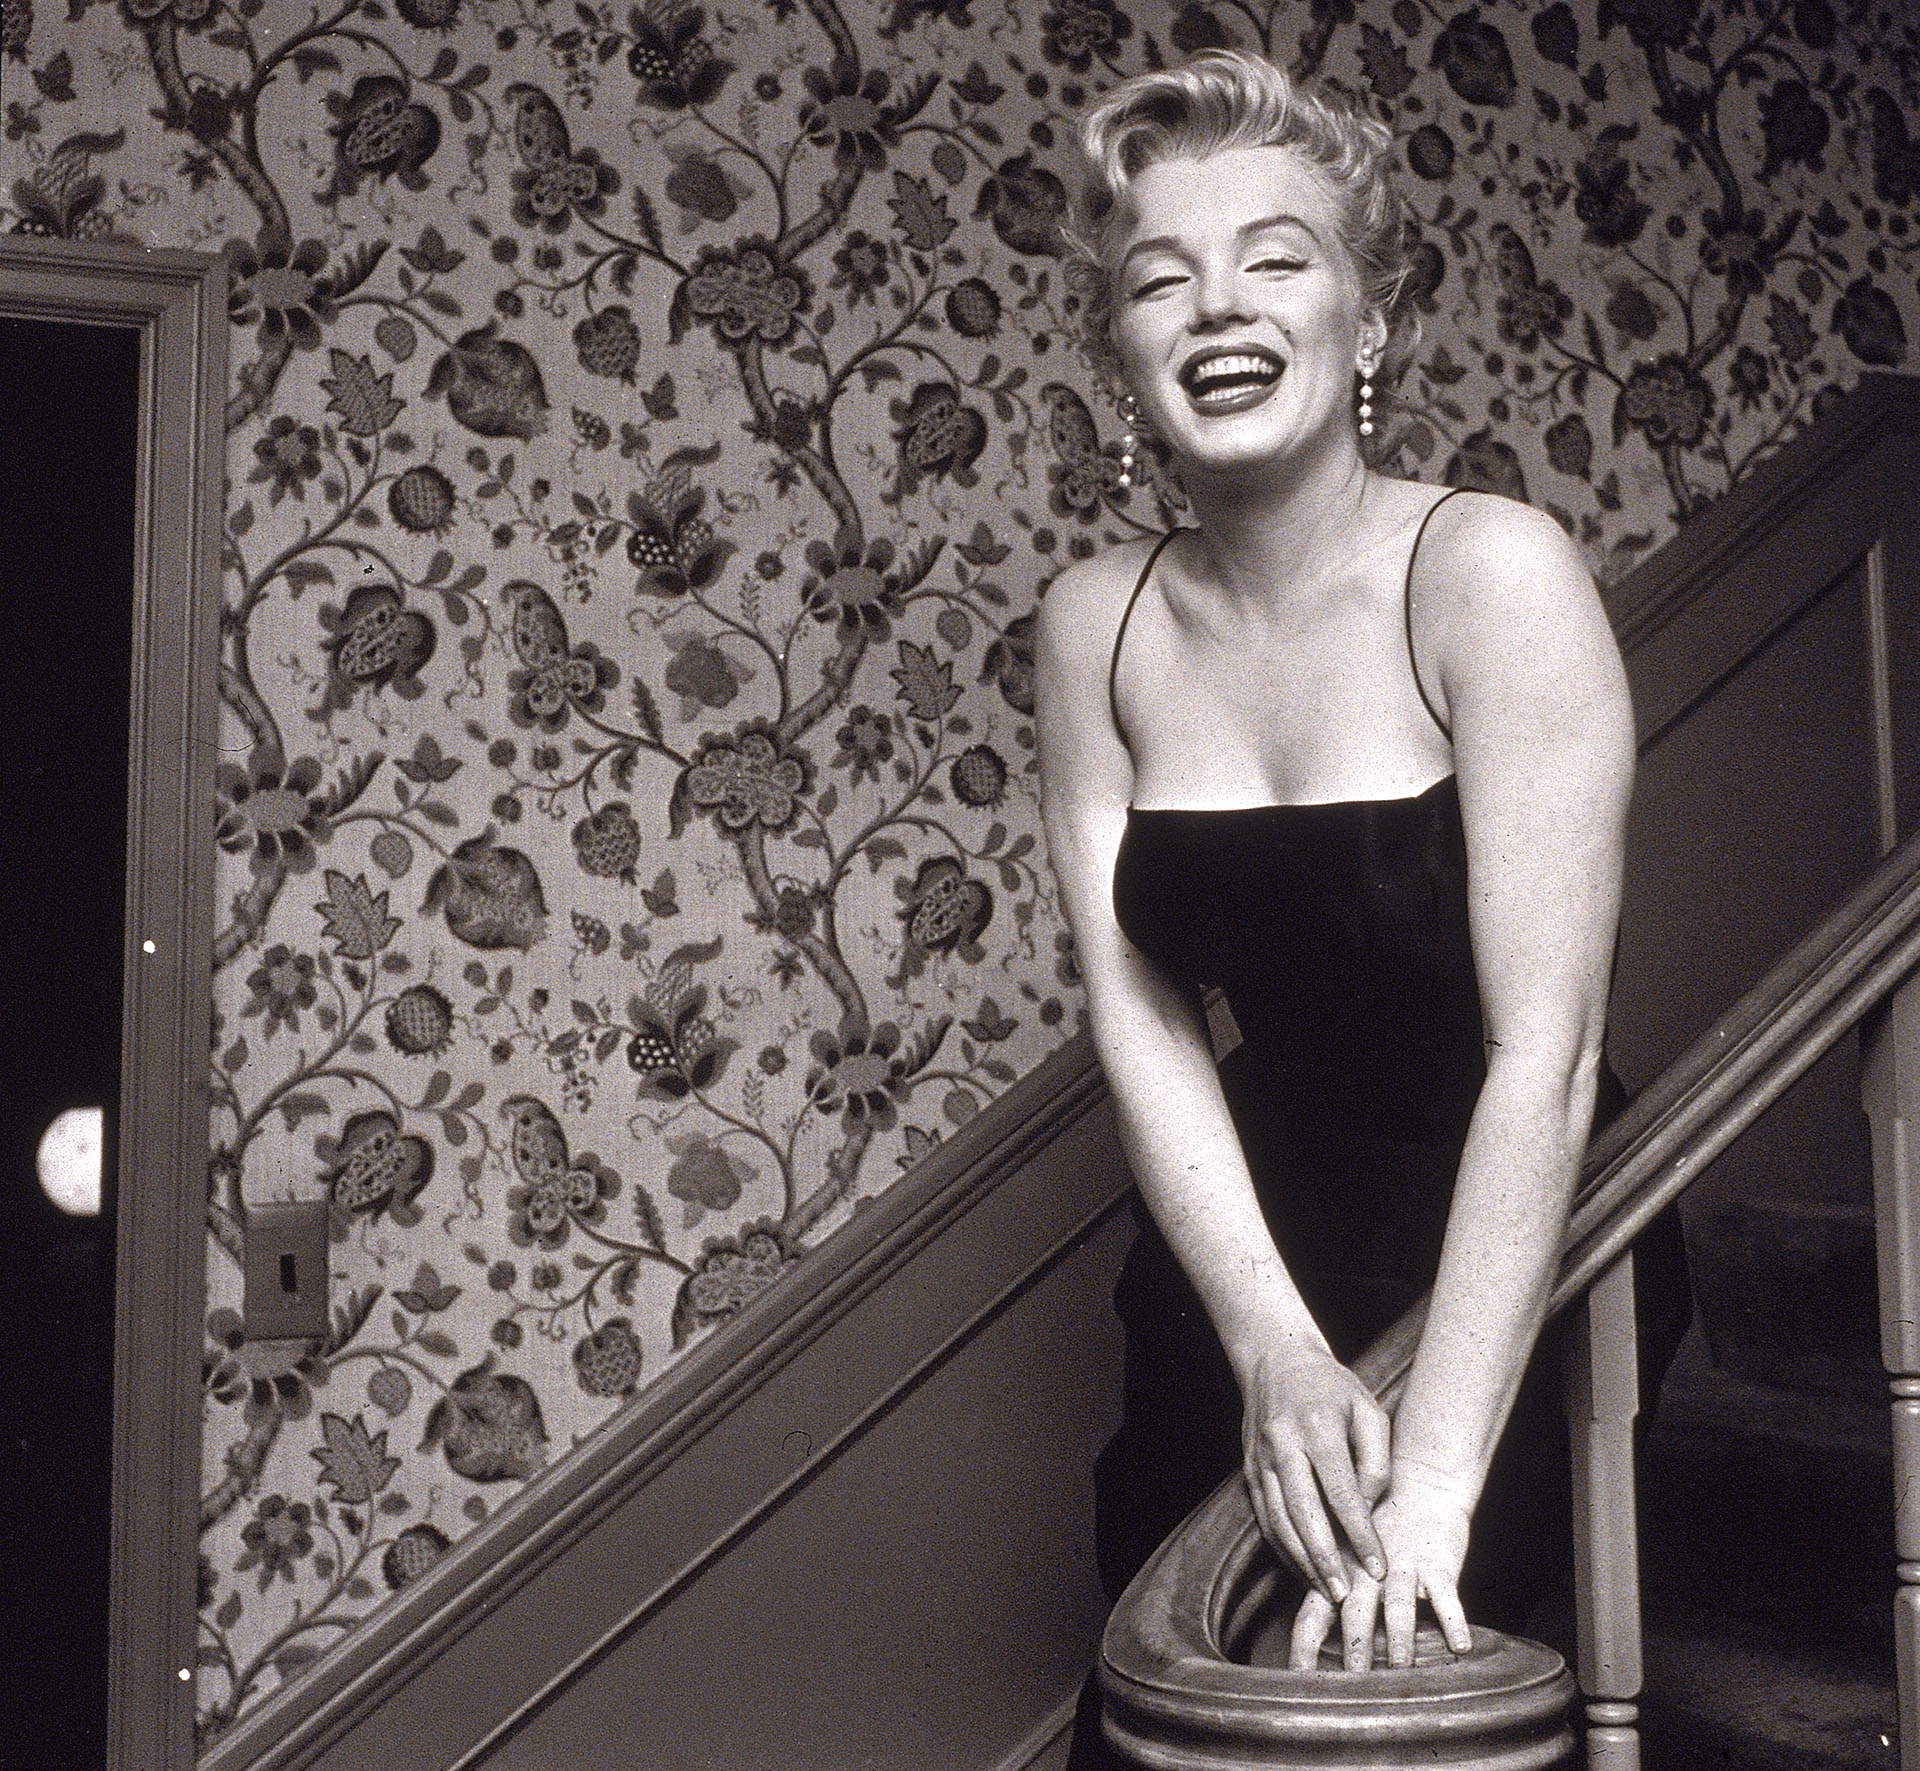 Sonriente y seductura, una imagen inolvidable de la artista (Hulton Archive/Getty Images)